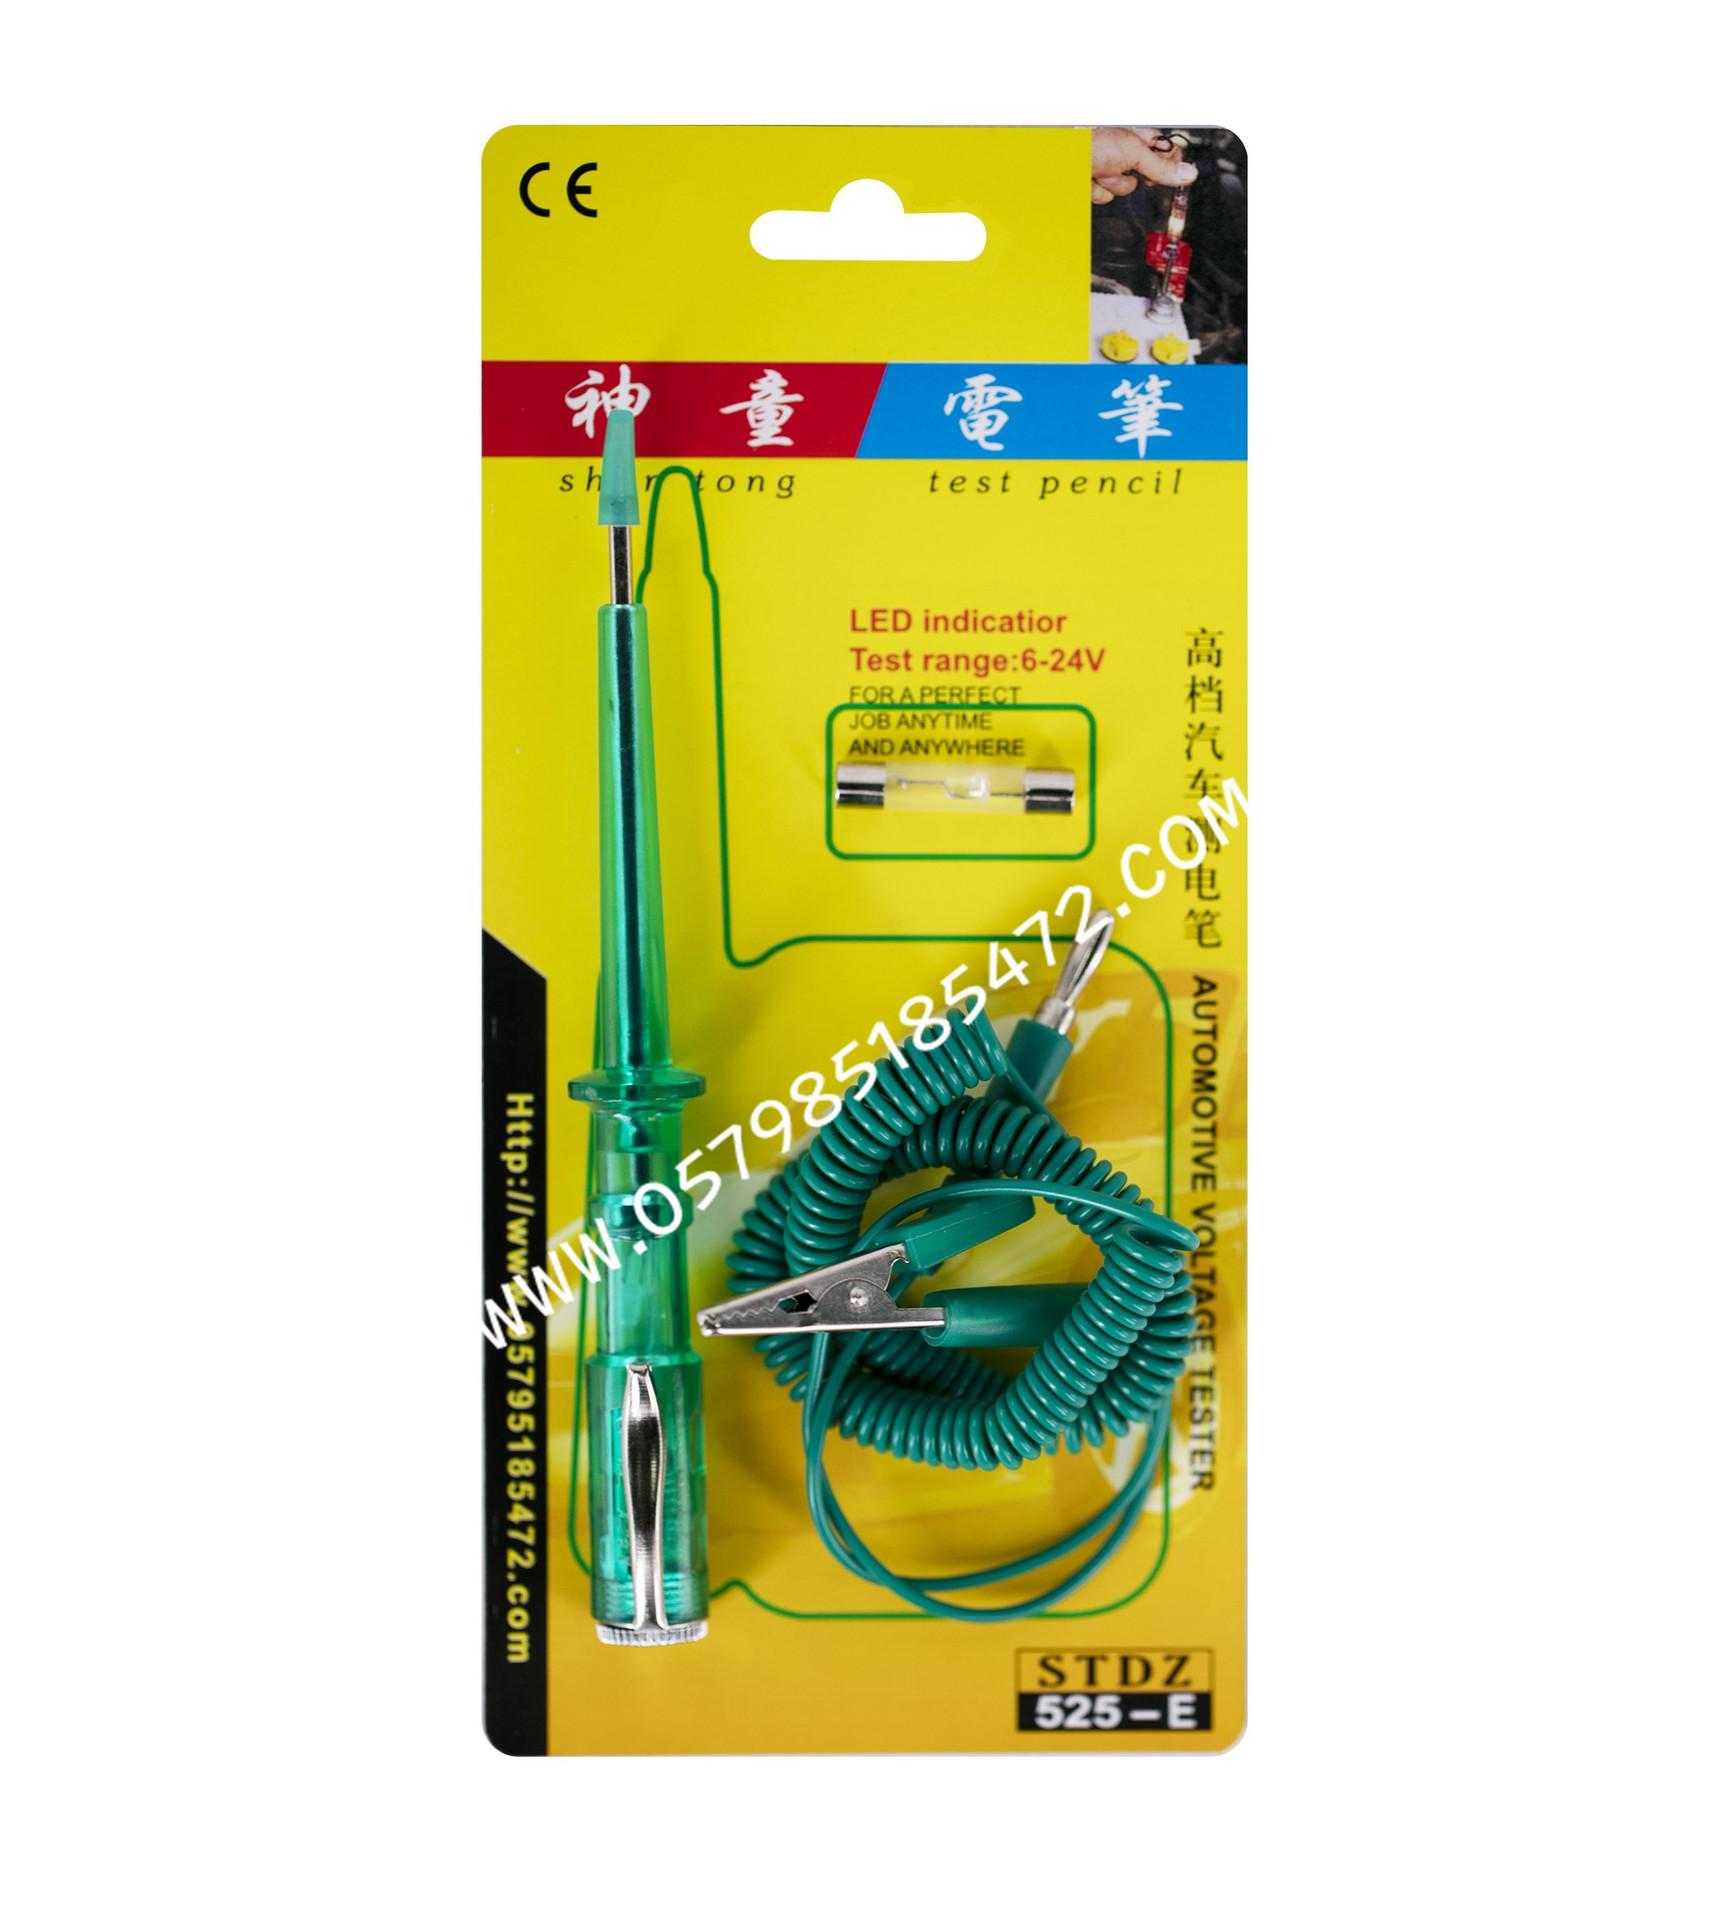 雄熊五金绿色高档汽车测电笔525-E/15471有CE认证厂家直销